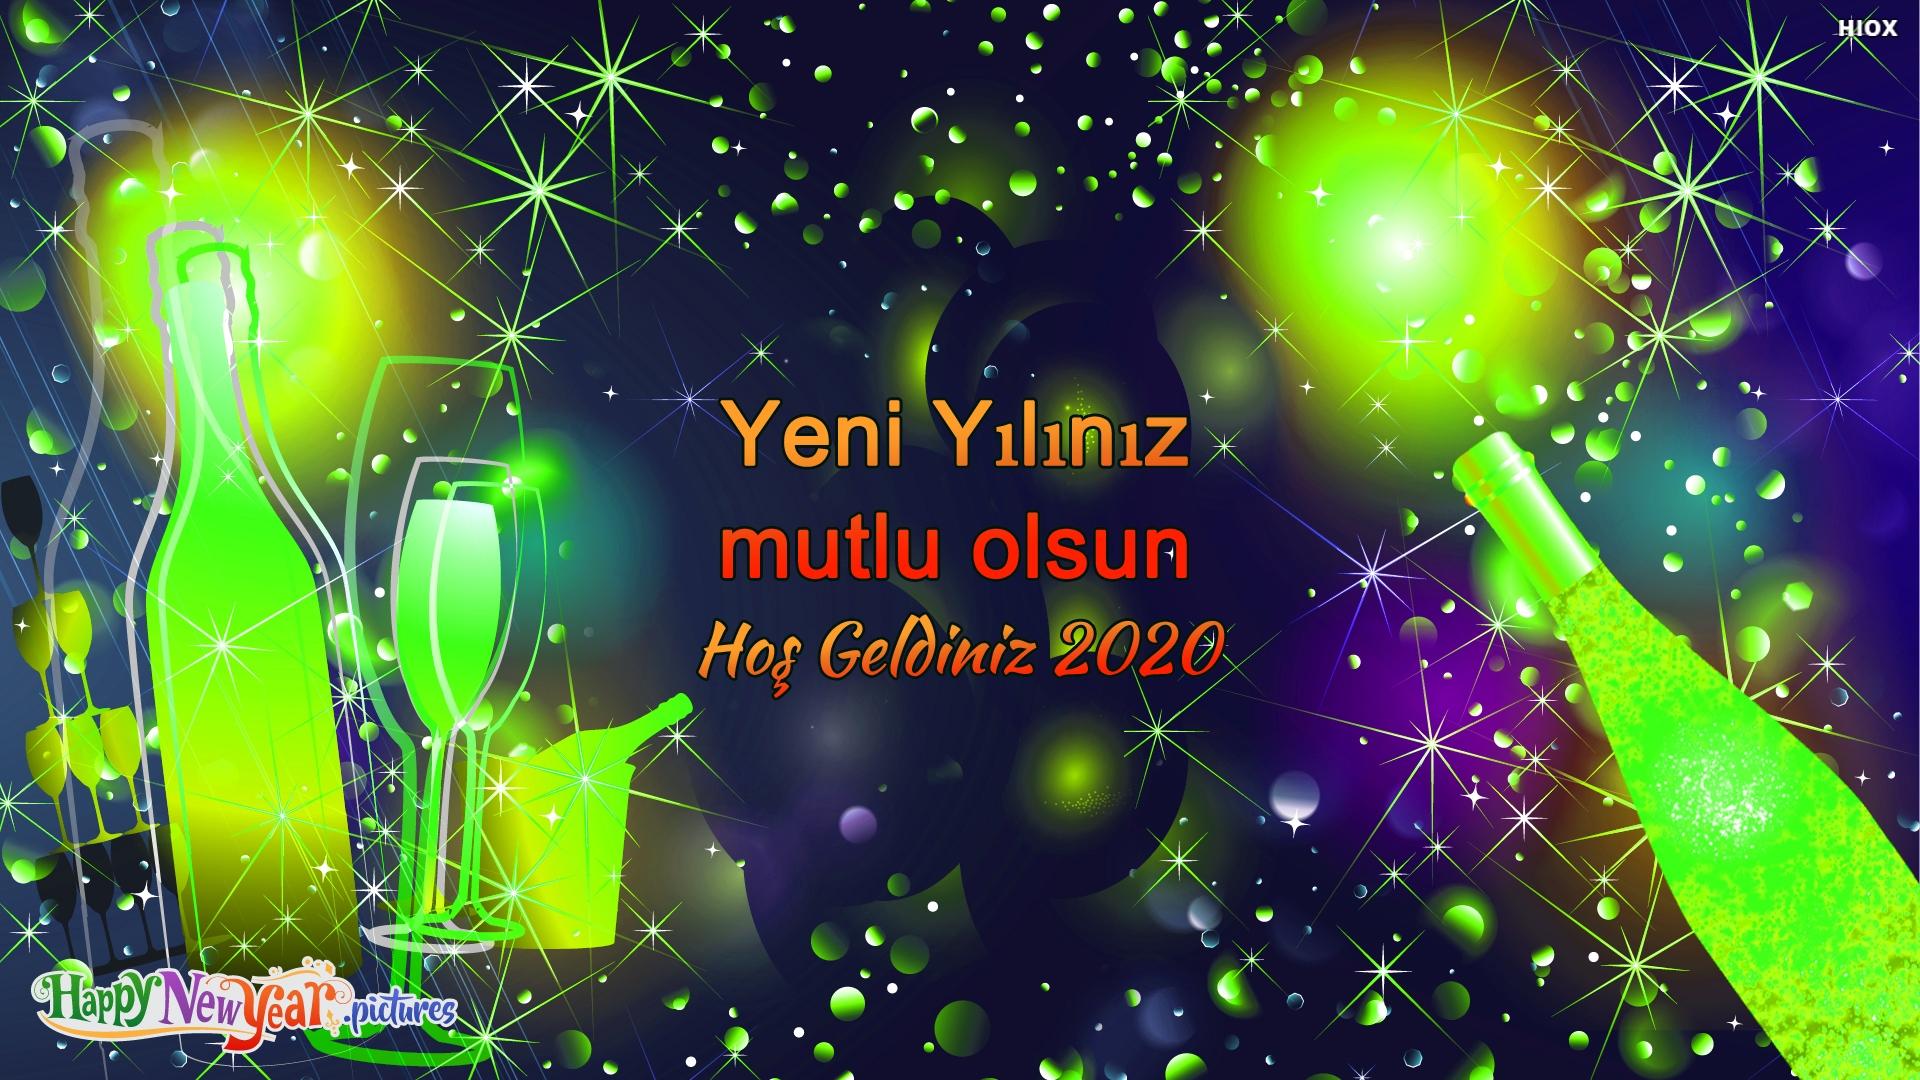 Yeni Yılınız Mutlu Olsun Hoş Geldiniz 2020